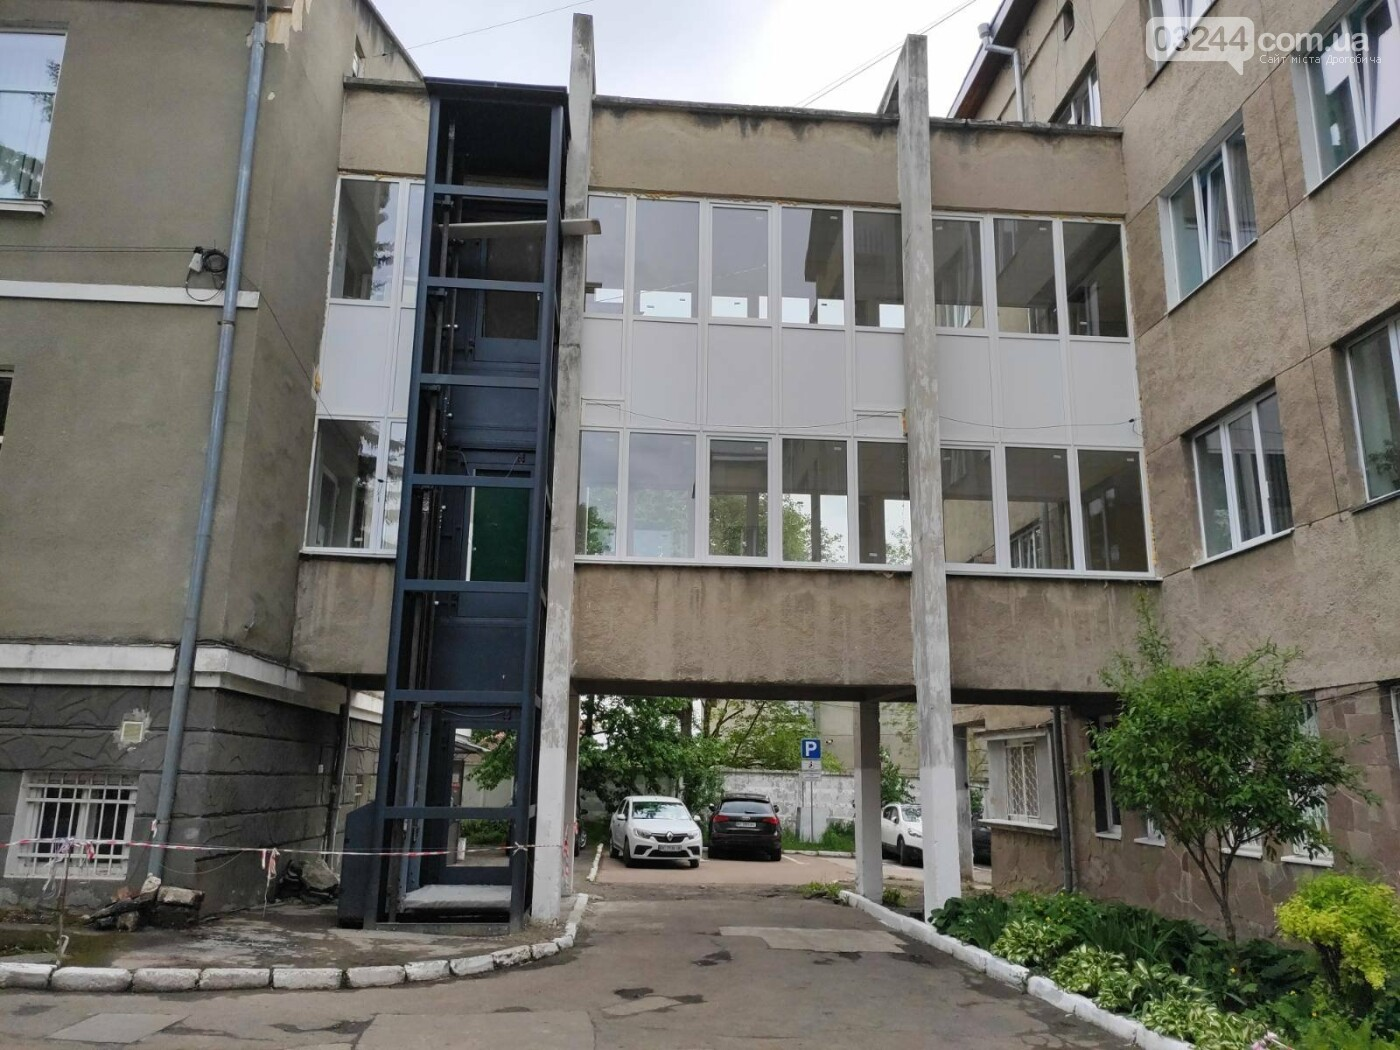 Осучаснюють: КНП «Дрогобицька поліклініка» встановлює зовнішній ліфт для маломобільних груп населення, фото-1